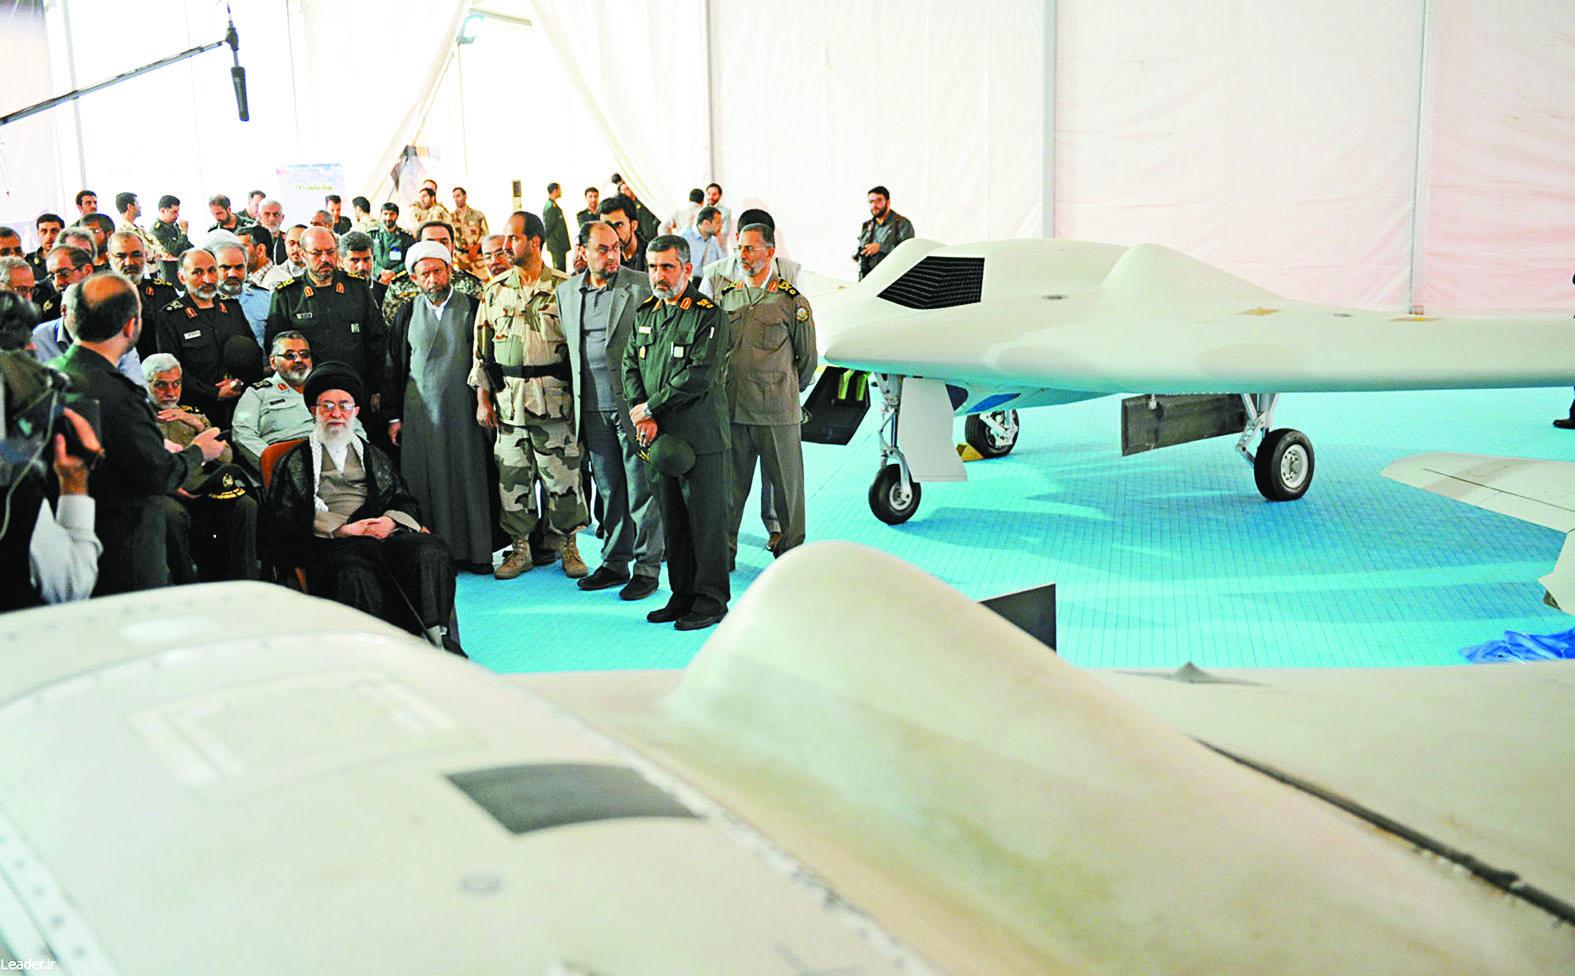 圖為伊朗最高領導人哈梅內伊早前聽取官員介紹捕獲美國中情局間諜無人機的情況。右上圖為此次被伊朗判監的美籍華裔王喜月。右下圖為伊朗發言人埃杰耶。本報資料圖片/網上圖片